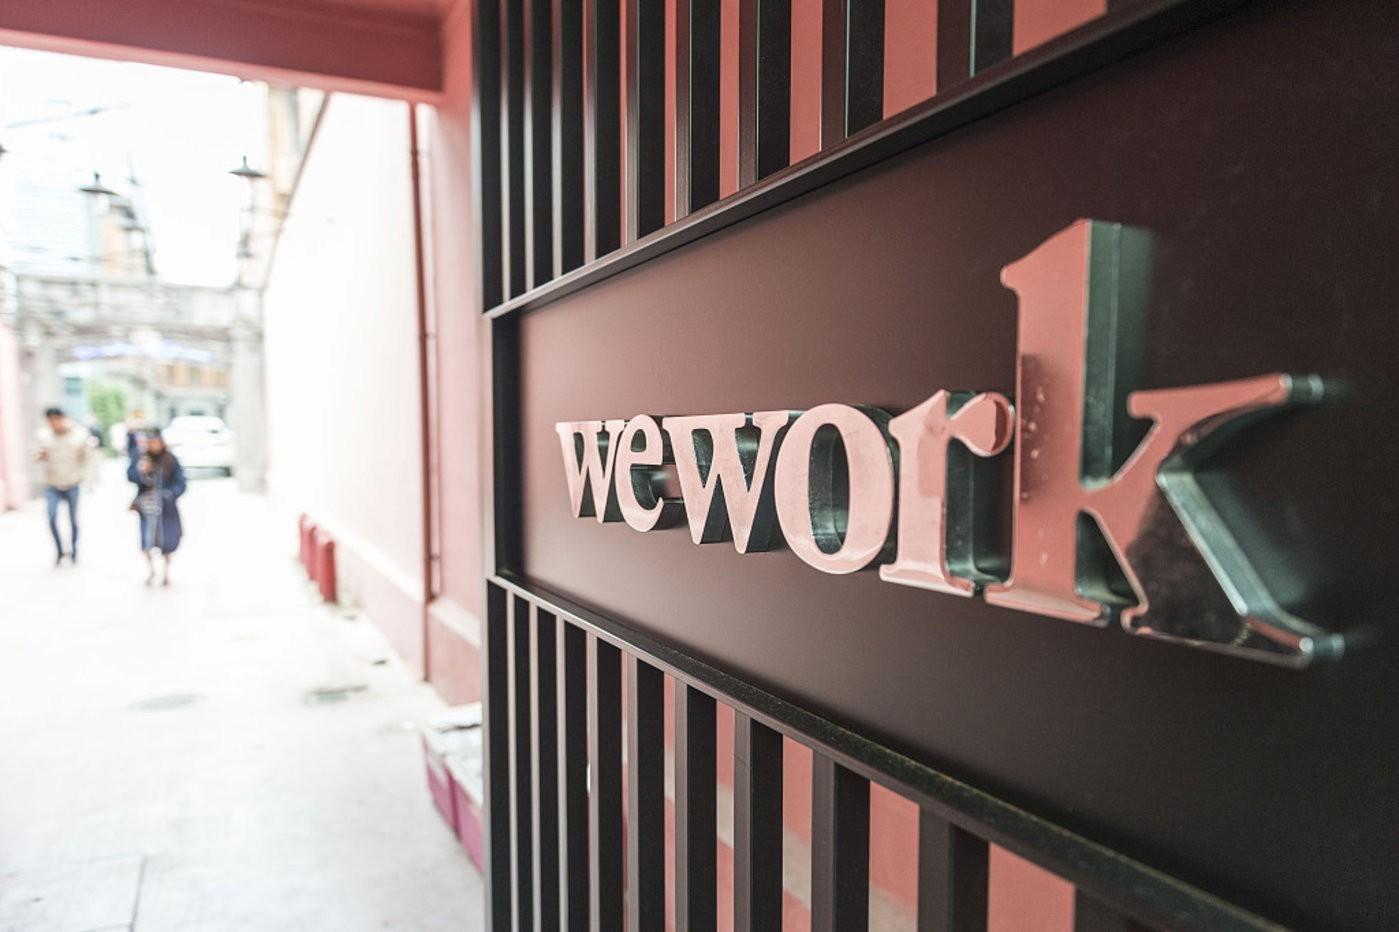 估值腰斬、大股東軟銀也阻擋,一文解析WeWork爭議的上市之路